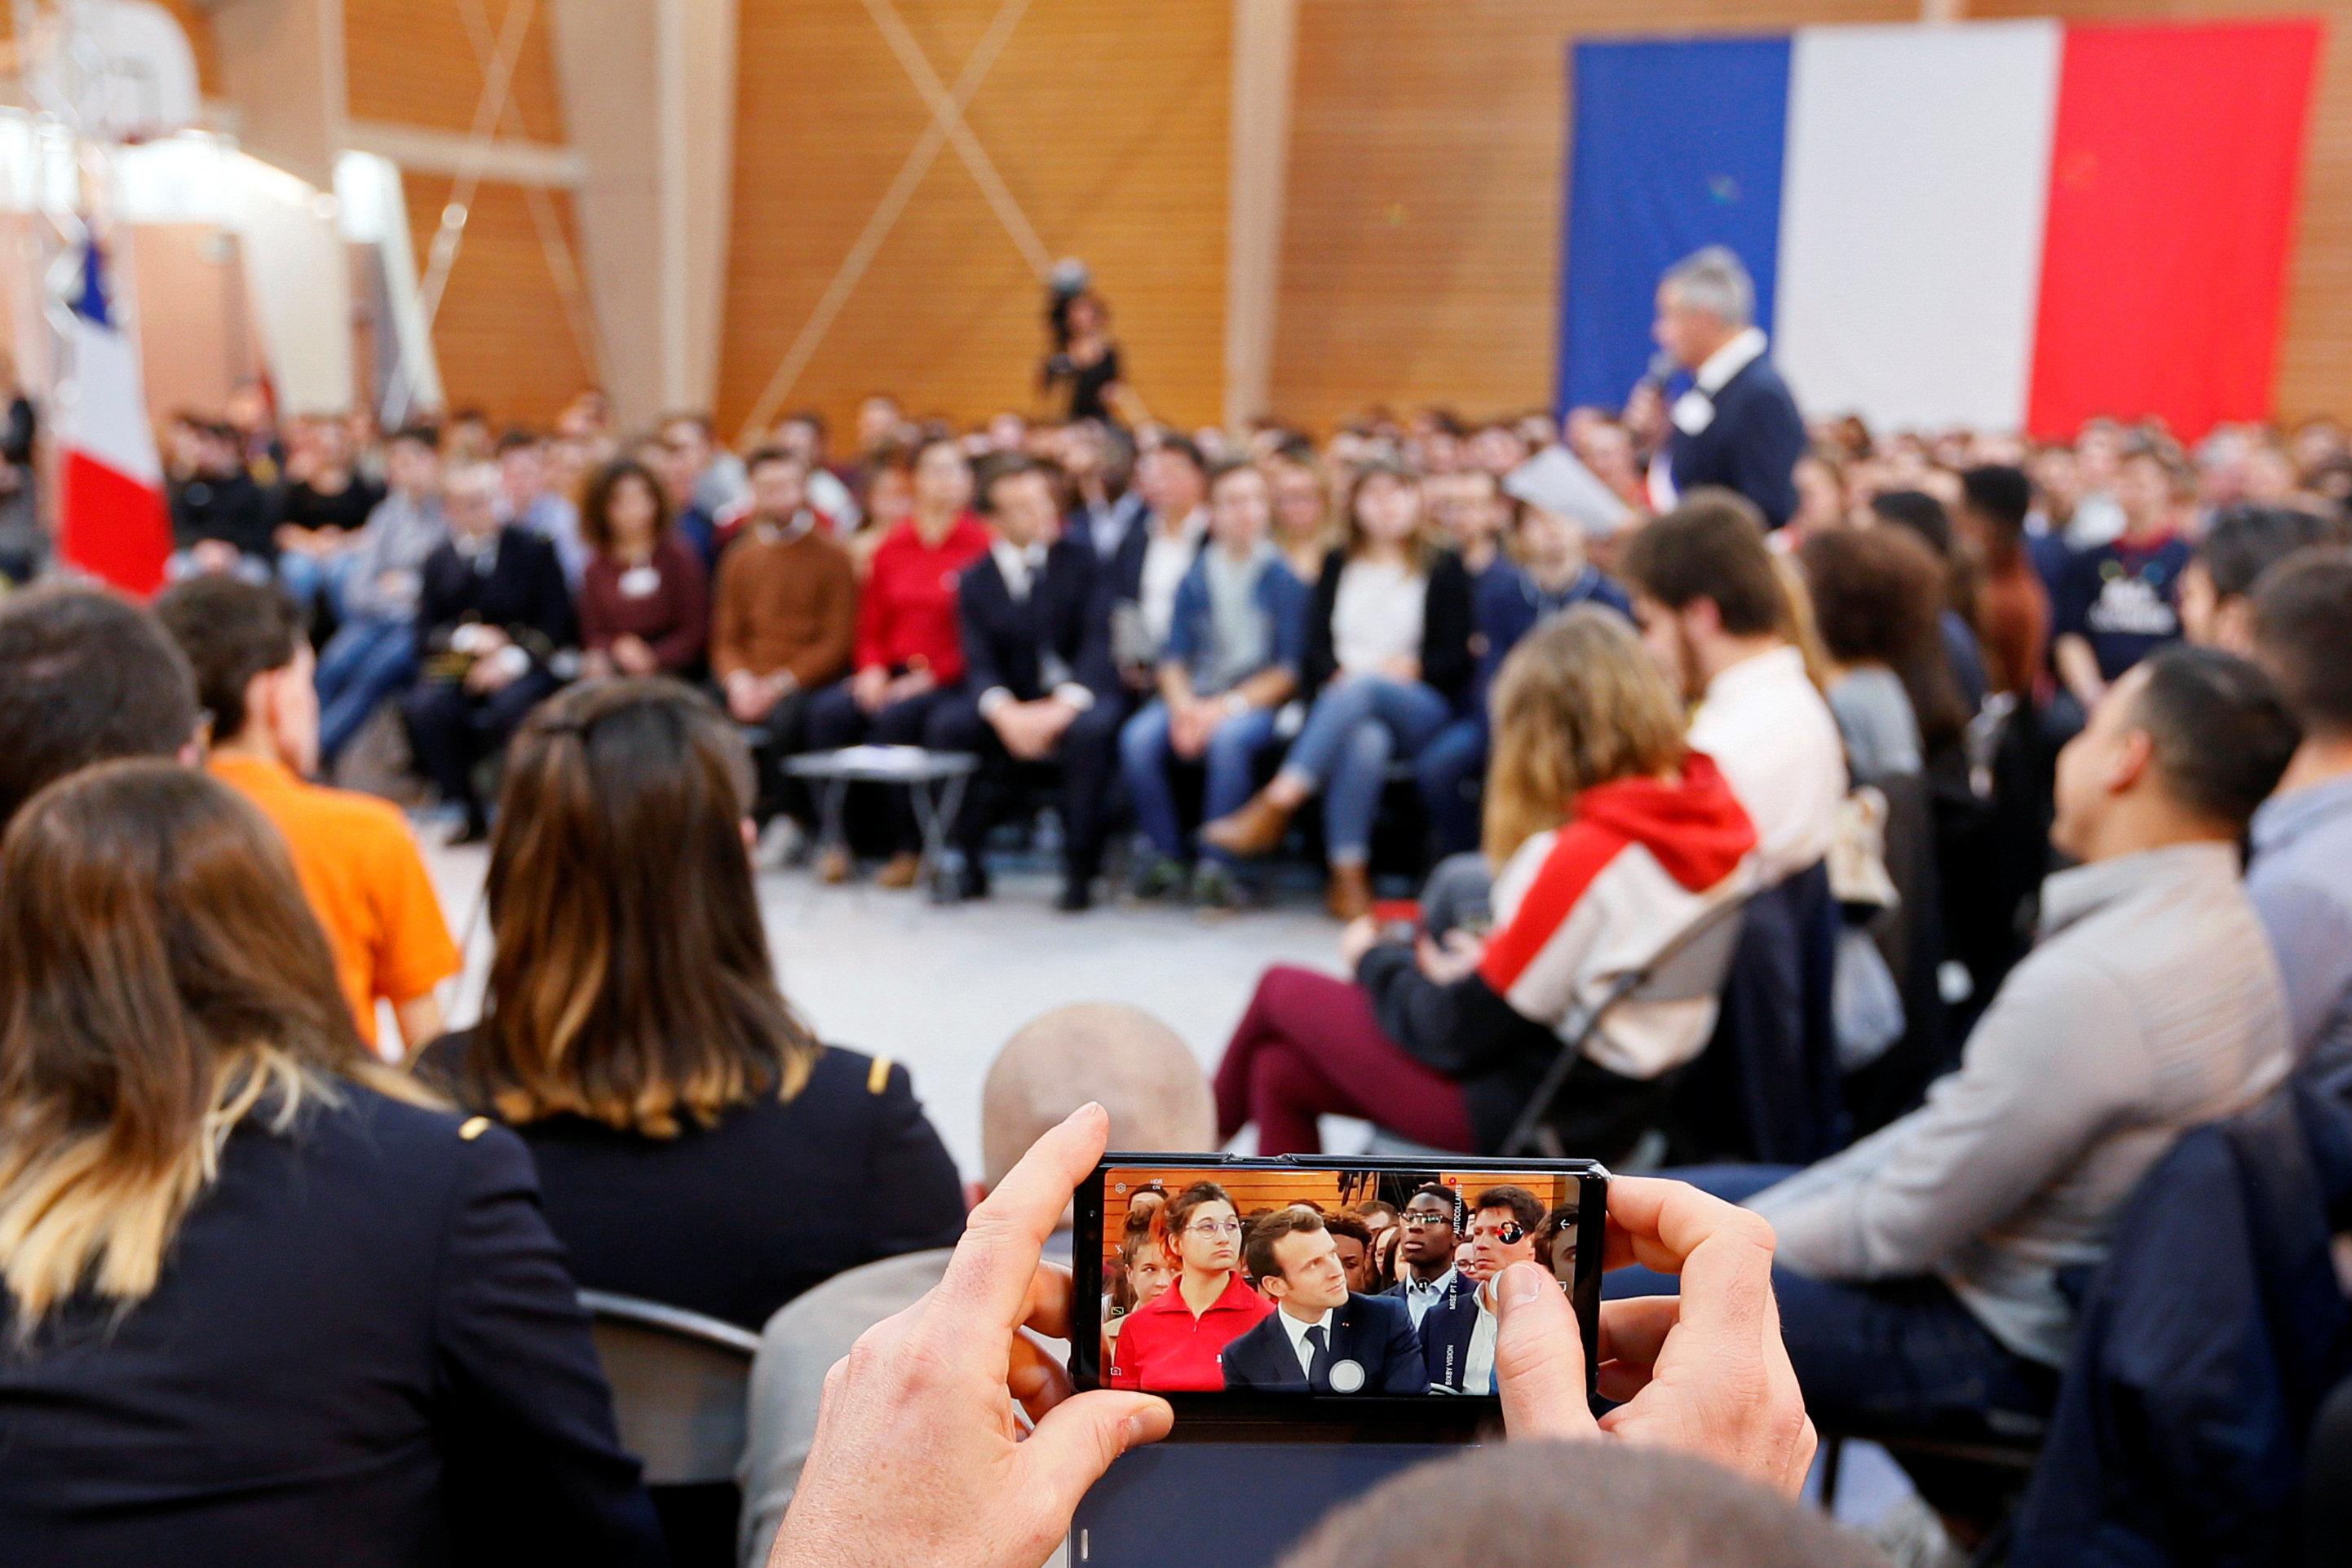 أحد الحضور يلتقط الصور للرئيس أثناء اللقاء